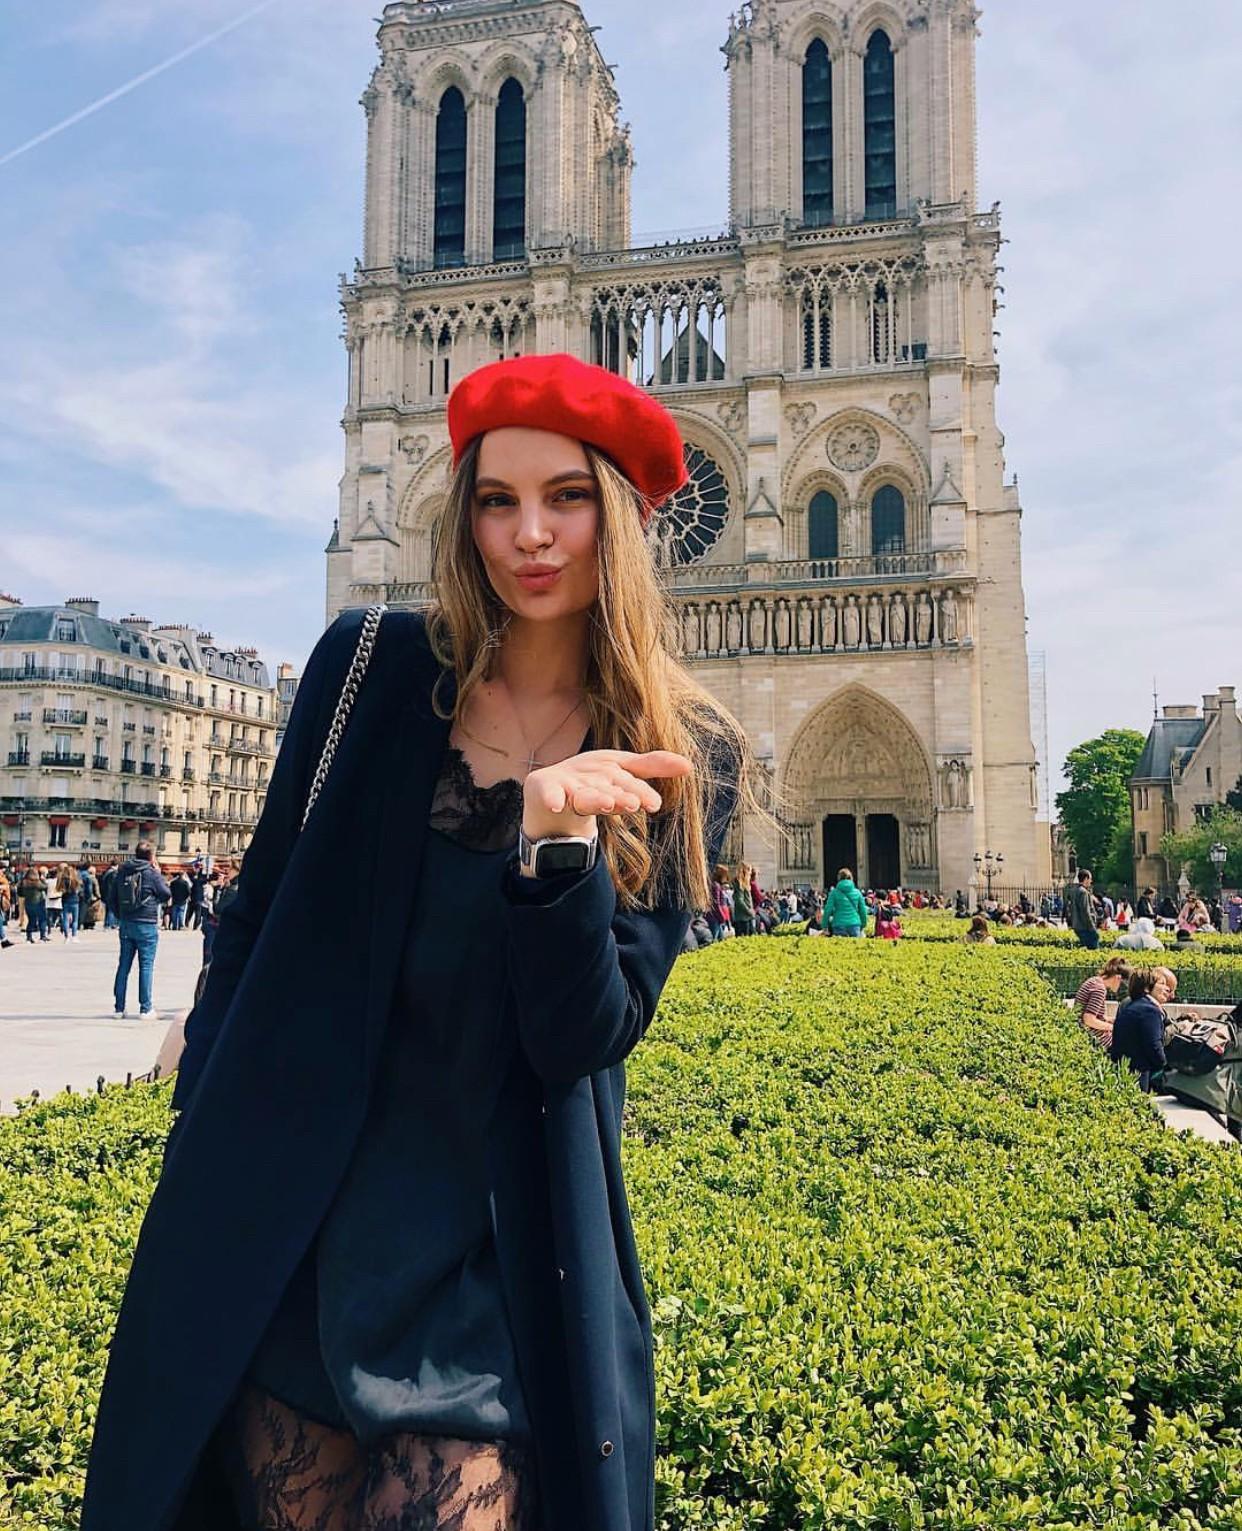 Trước khi sụp đổ một phần vì vụ cháy chấn động, Nhà thờ Đức Bà ở Paris từng là biểu tượng bình yên của cả nước Pháp - Ảnh 15.